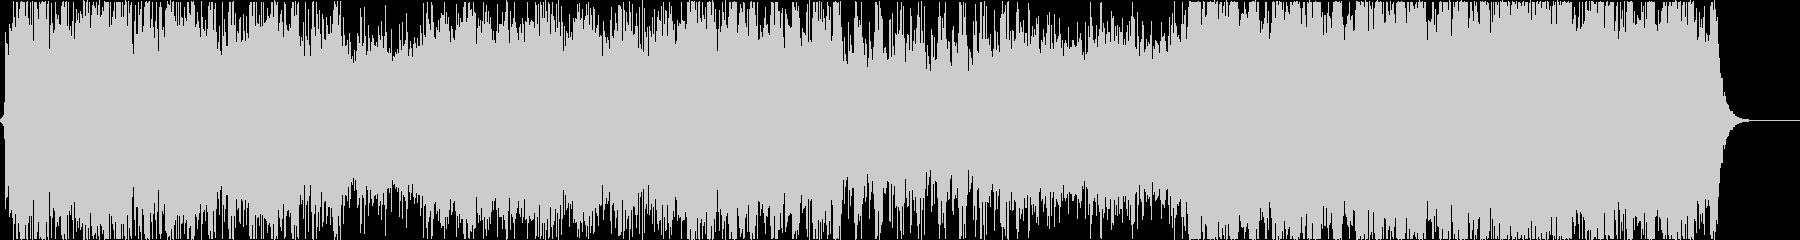 壮大なクワイアのファンタジー曲の未再生の波形